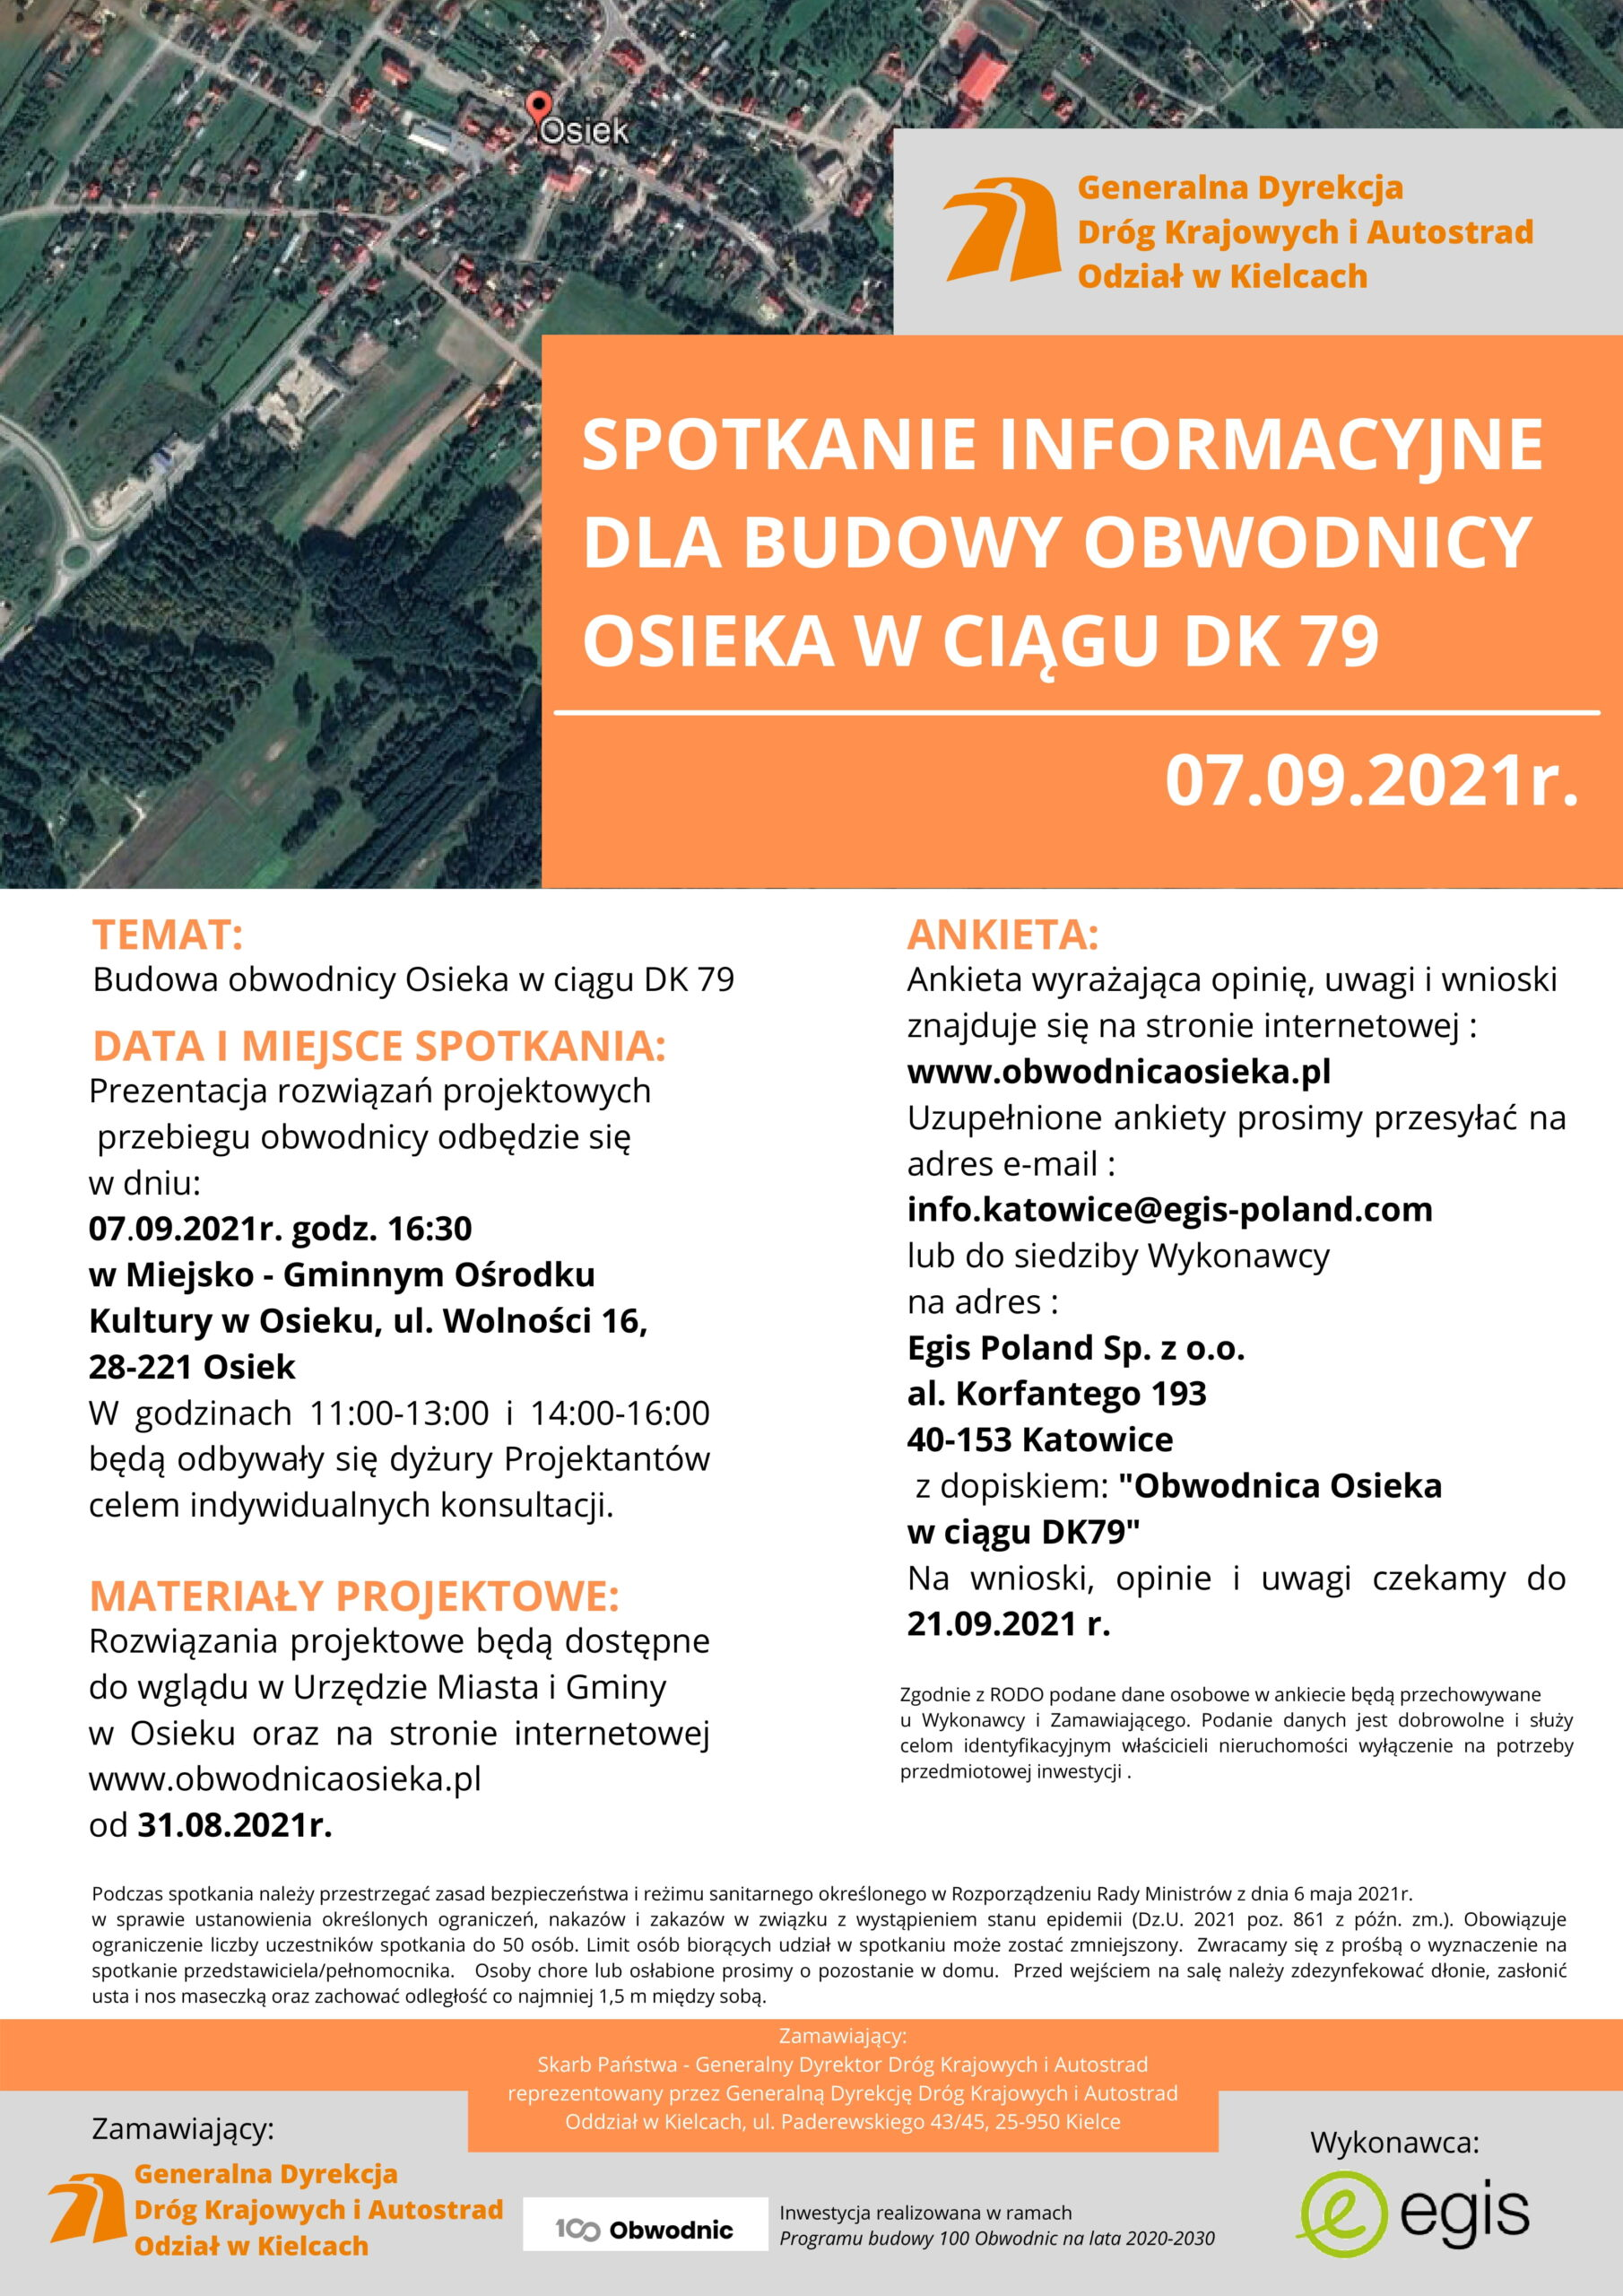 SPOTKANIE INFORMACYJNE_plakat-1